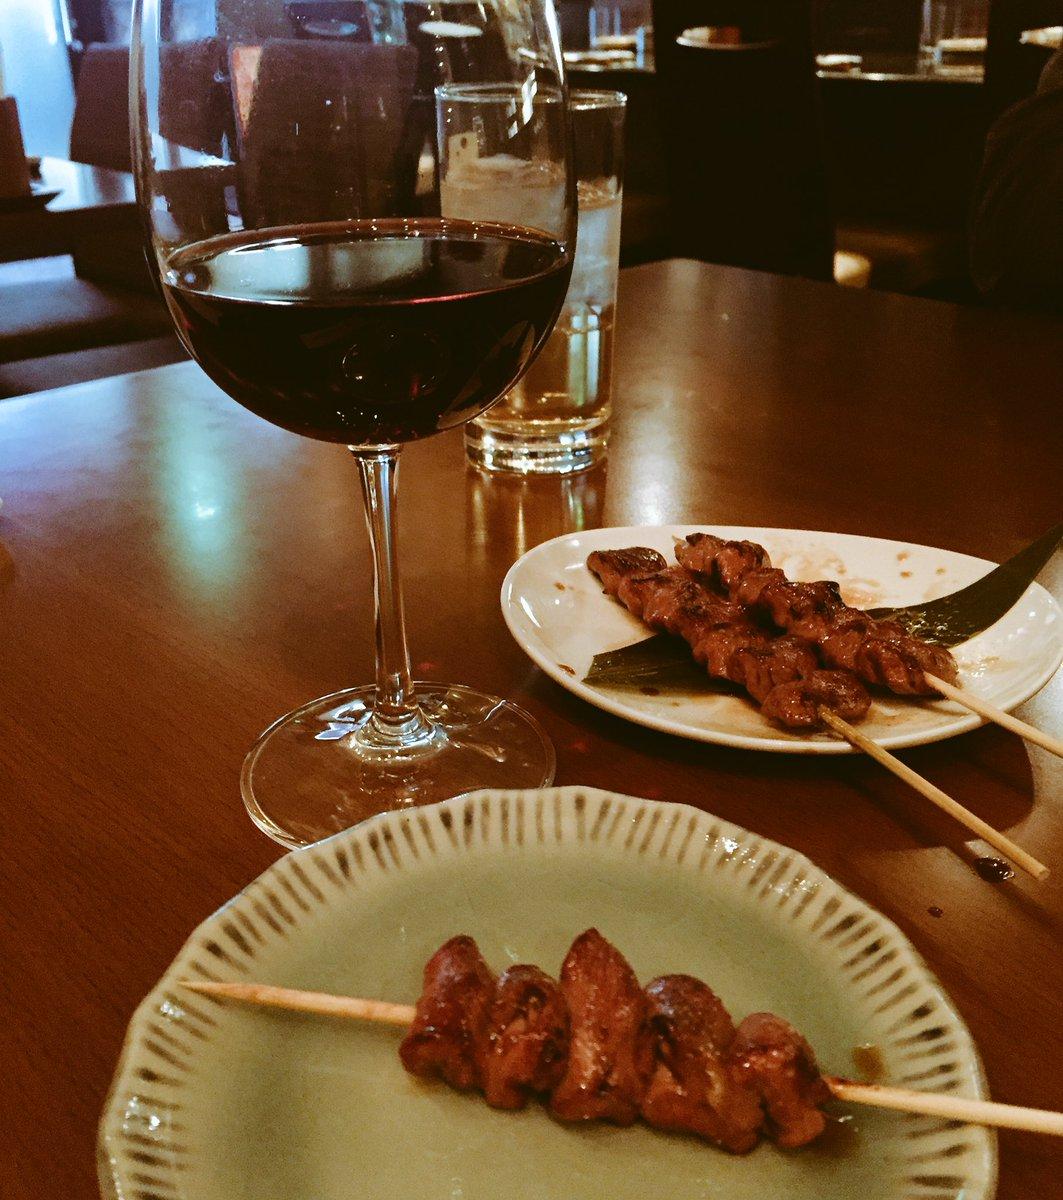 好きな人と、美味しいもの食べて、美味しいお酒を飲むだけで大体の事はどうでもよくなるな。 https://t.co/YJDnW2eQgp